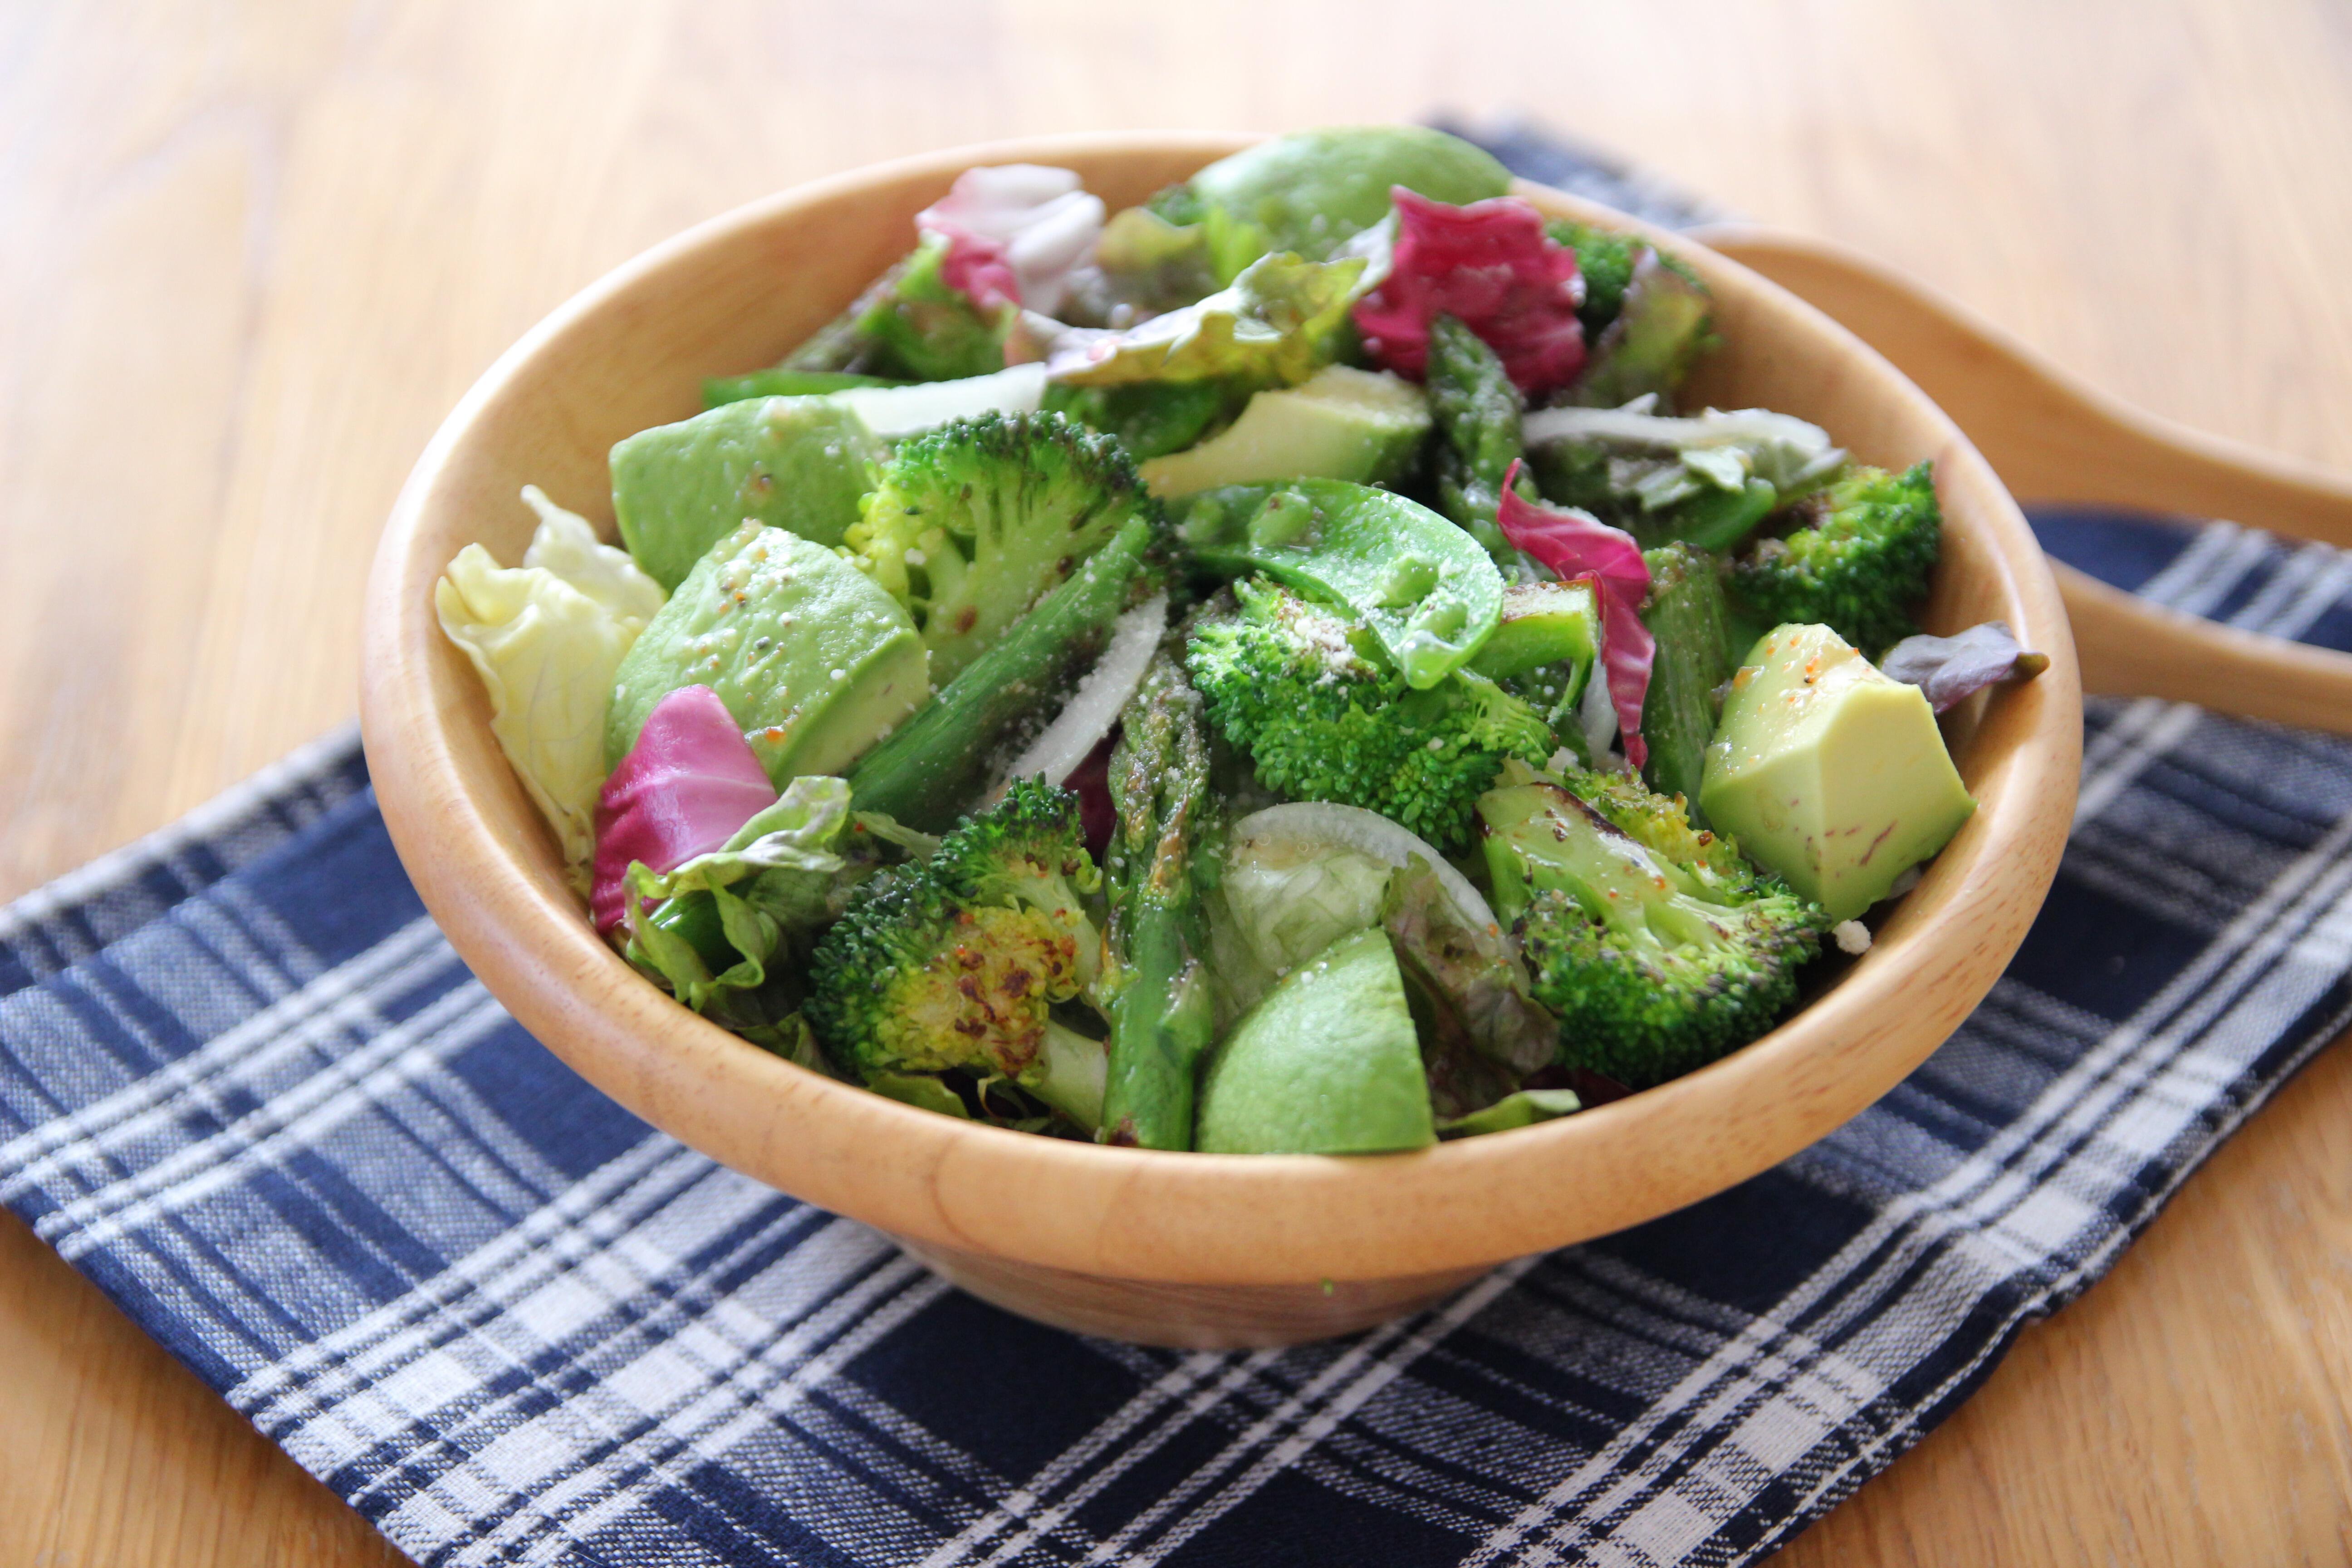 グリーンベイクド野菜のサラダボウル | レシピ | サラダクラブ